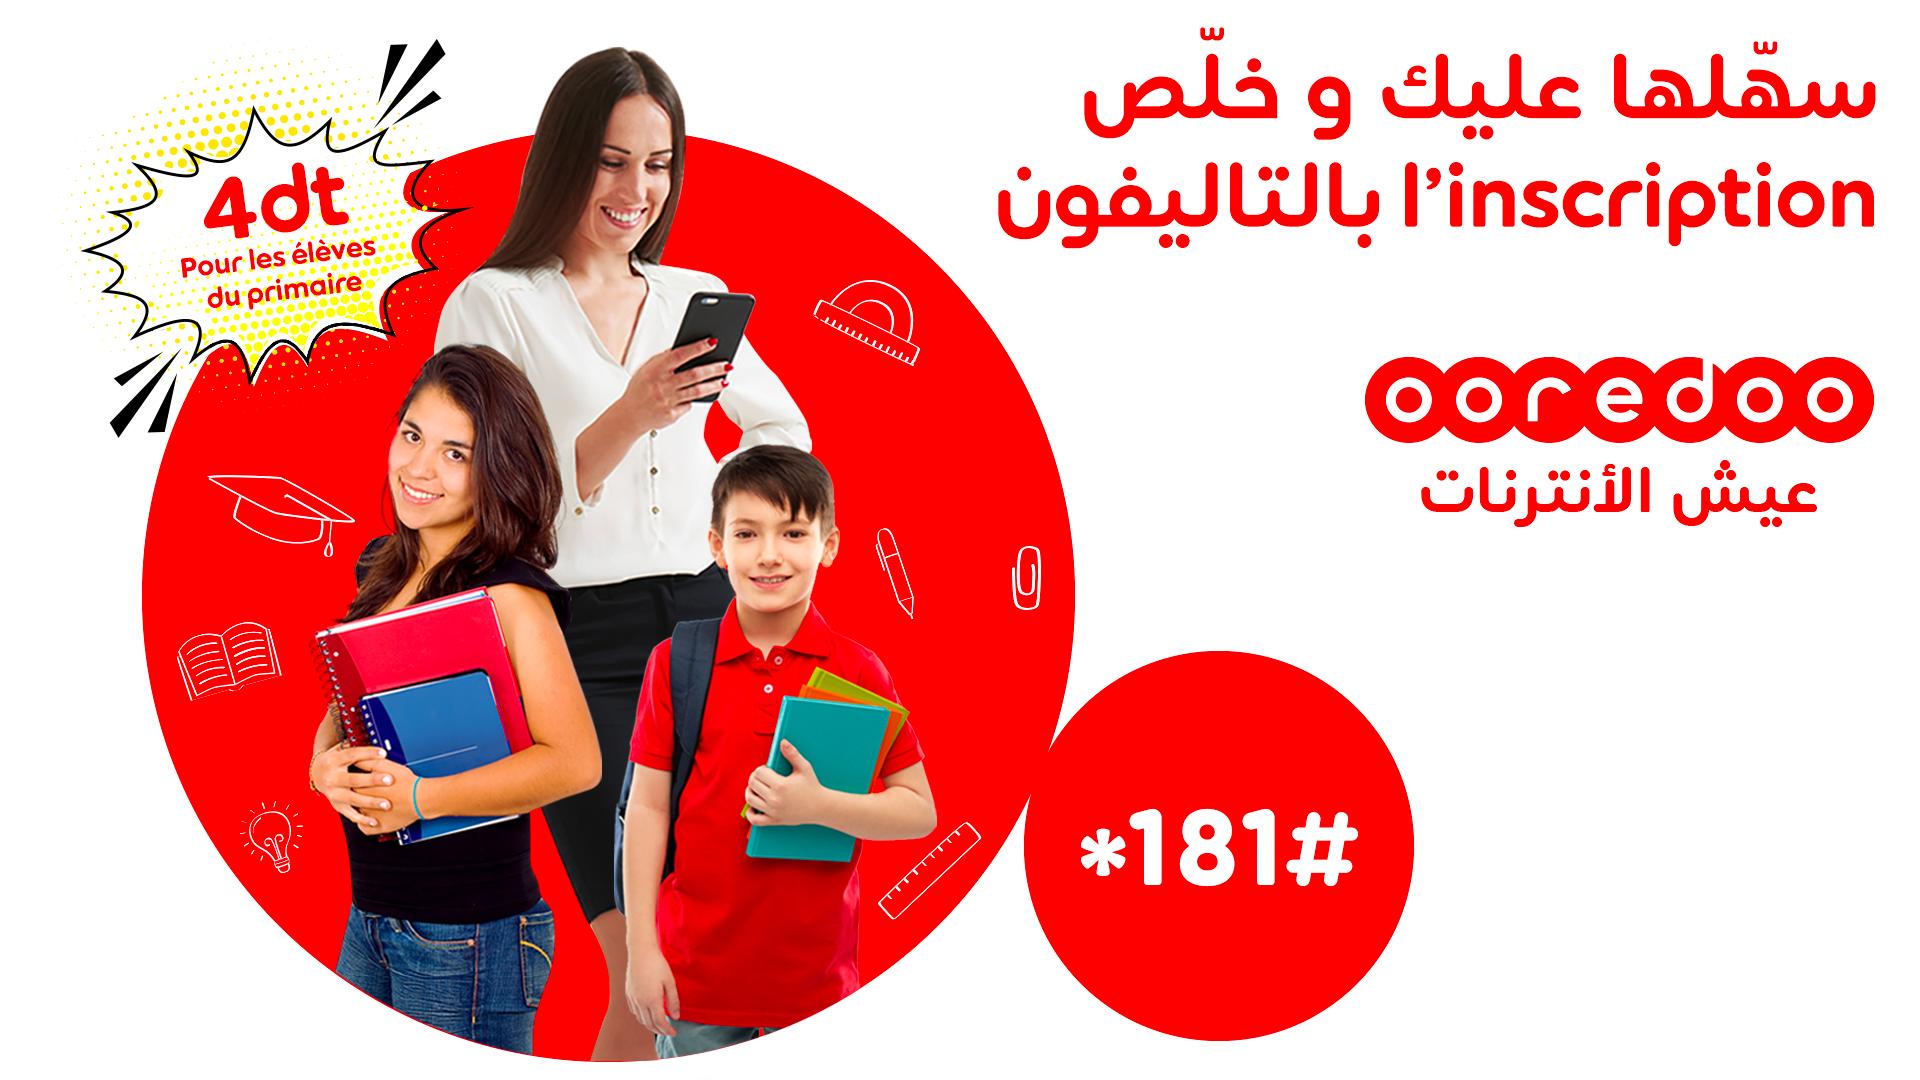 Rentrée 2019 : Ooredoo lance le paiement des frais de scolarité du primaire par recharge téléphonique